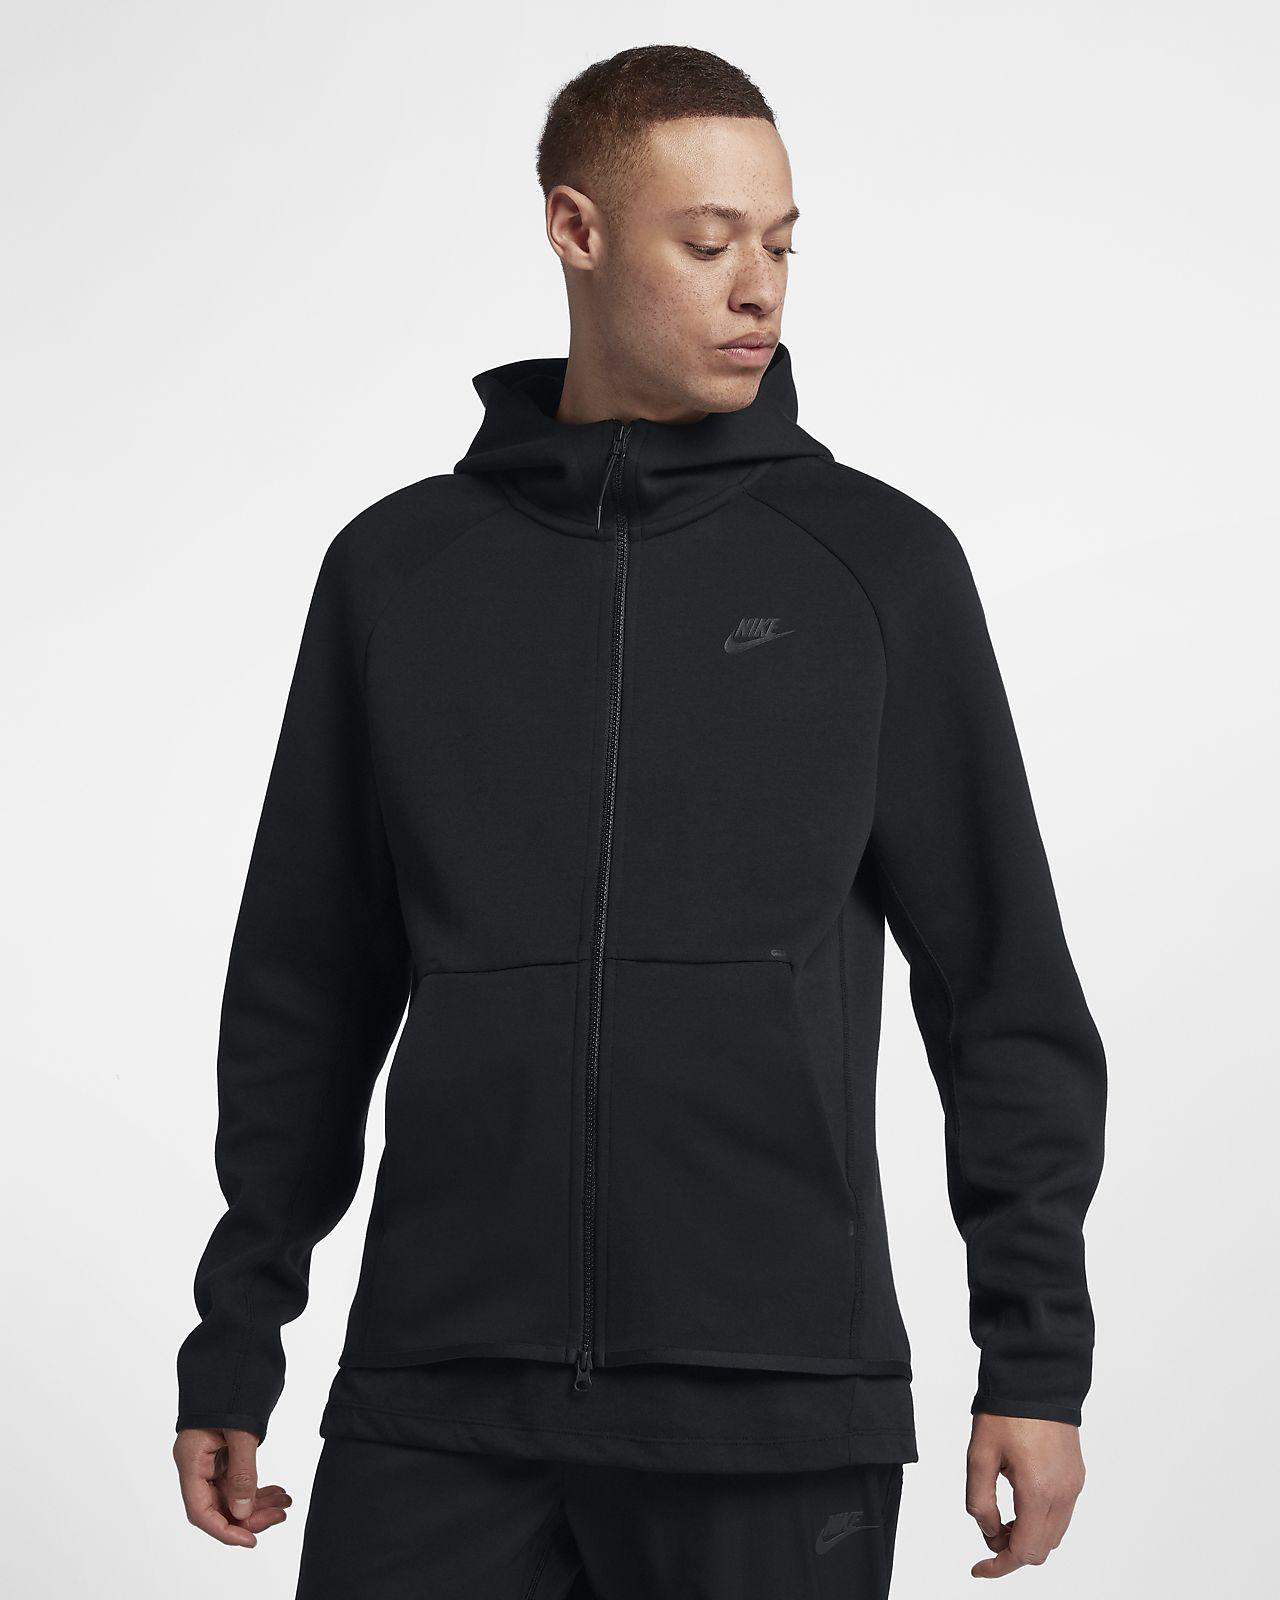 Nike Sportswear Tech Fleece Men S Full Zip Hoodie Nike Com Tech Fleece Hoodie Nike Tech Fleece Tech Fleece [ 1600 x 1280 Pixel ]